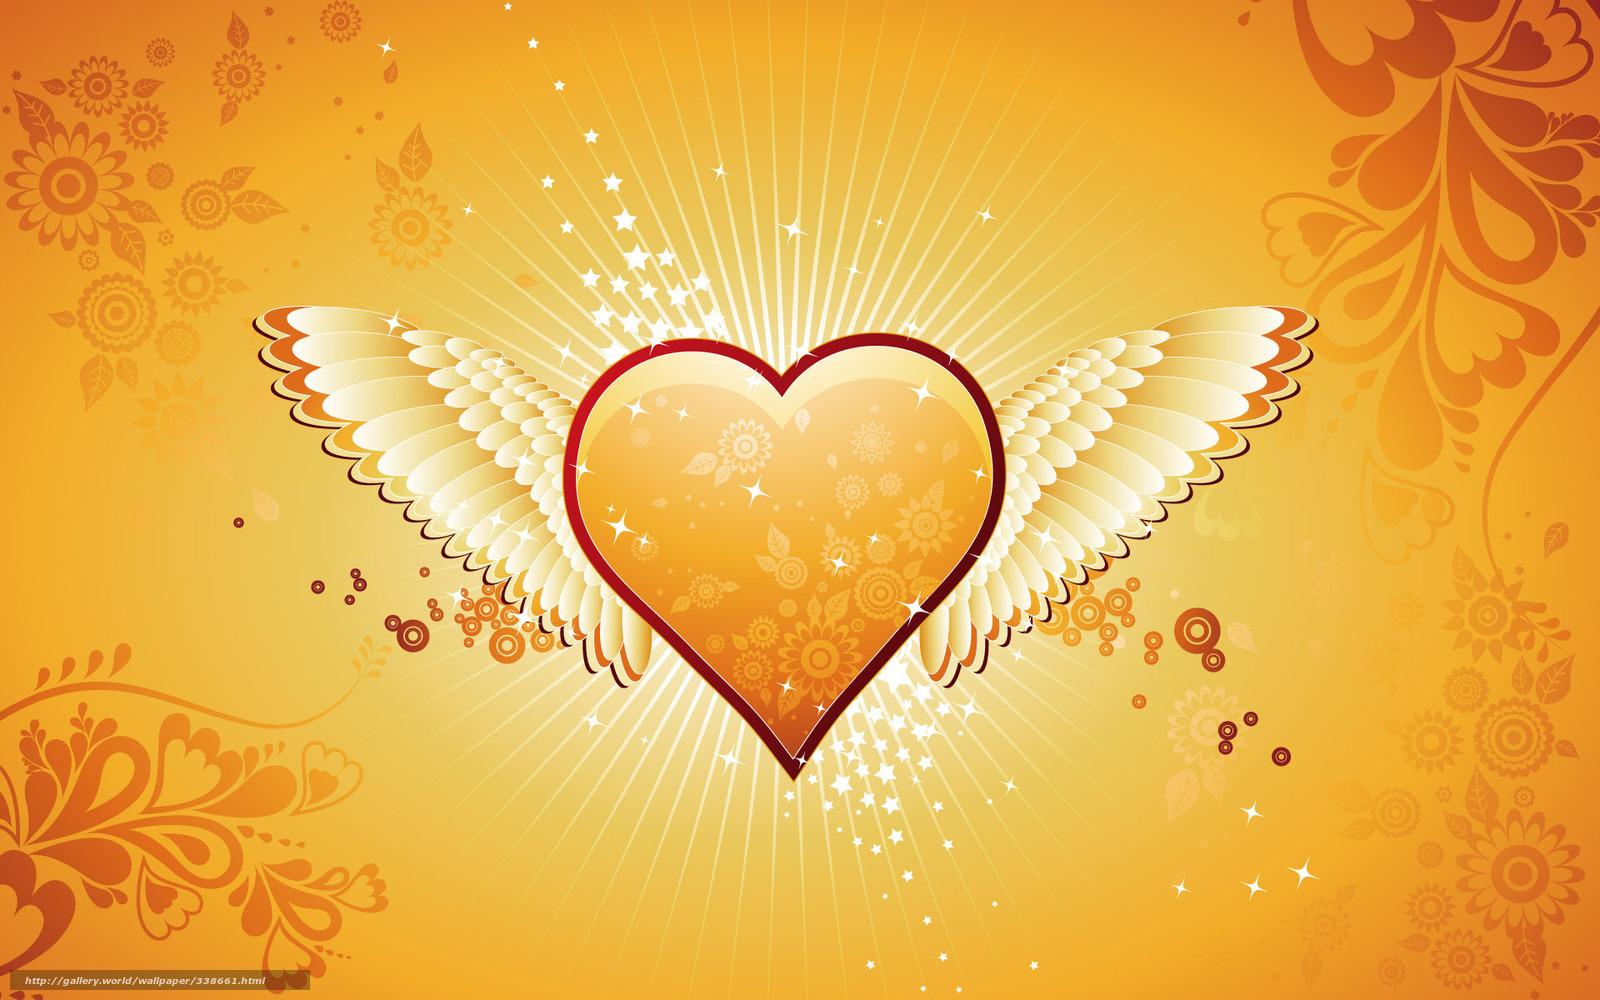 Скачать обои день святого валентина,   сердце,   любовь,   крылья бесплатно для рабочего стола в разрешении 1920x1200 — картинка №338661